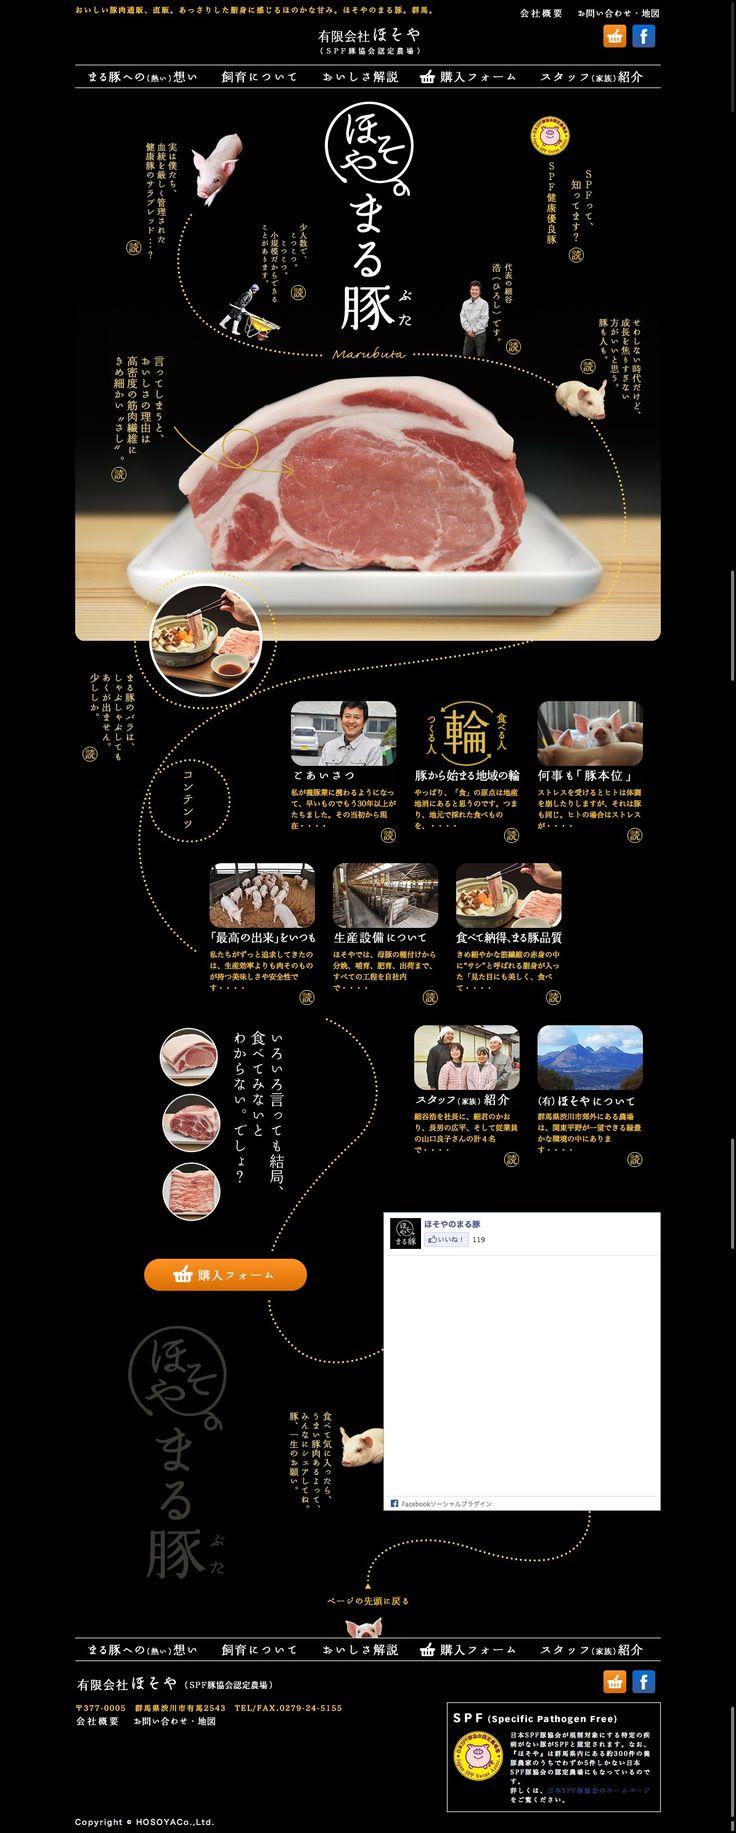 豚肉の製造・販売を行うほそやのサイト。 ネットショップ機能は現在準備中のようです。 黒ベース×ゴールドの配色で高級感のあるデザインに、美味しそうなお肉の写真や、ランダムなレイアウトが美しいです。 片幸子さんのサイトと同じ …